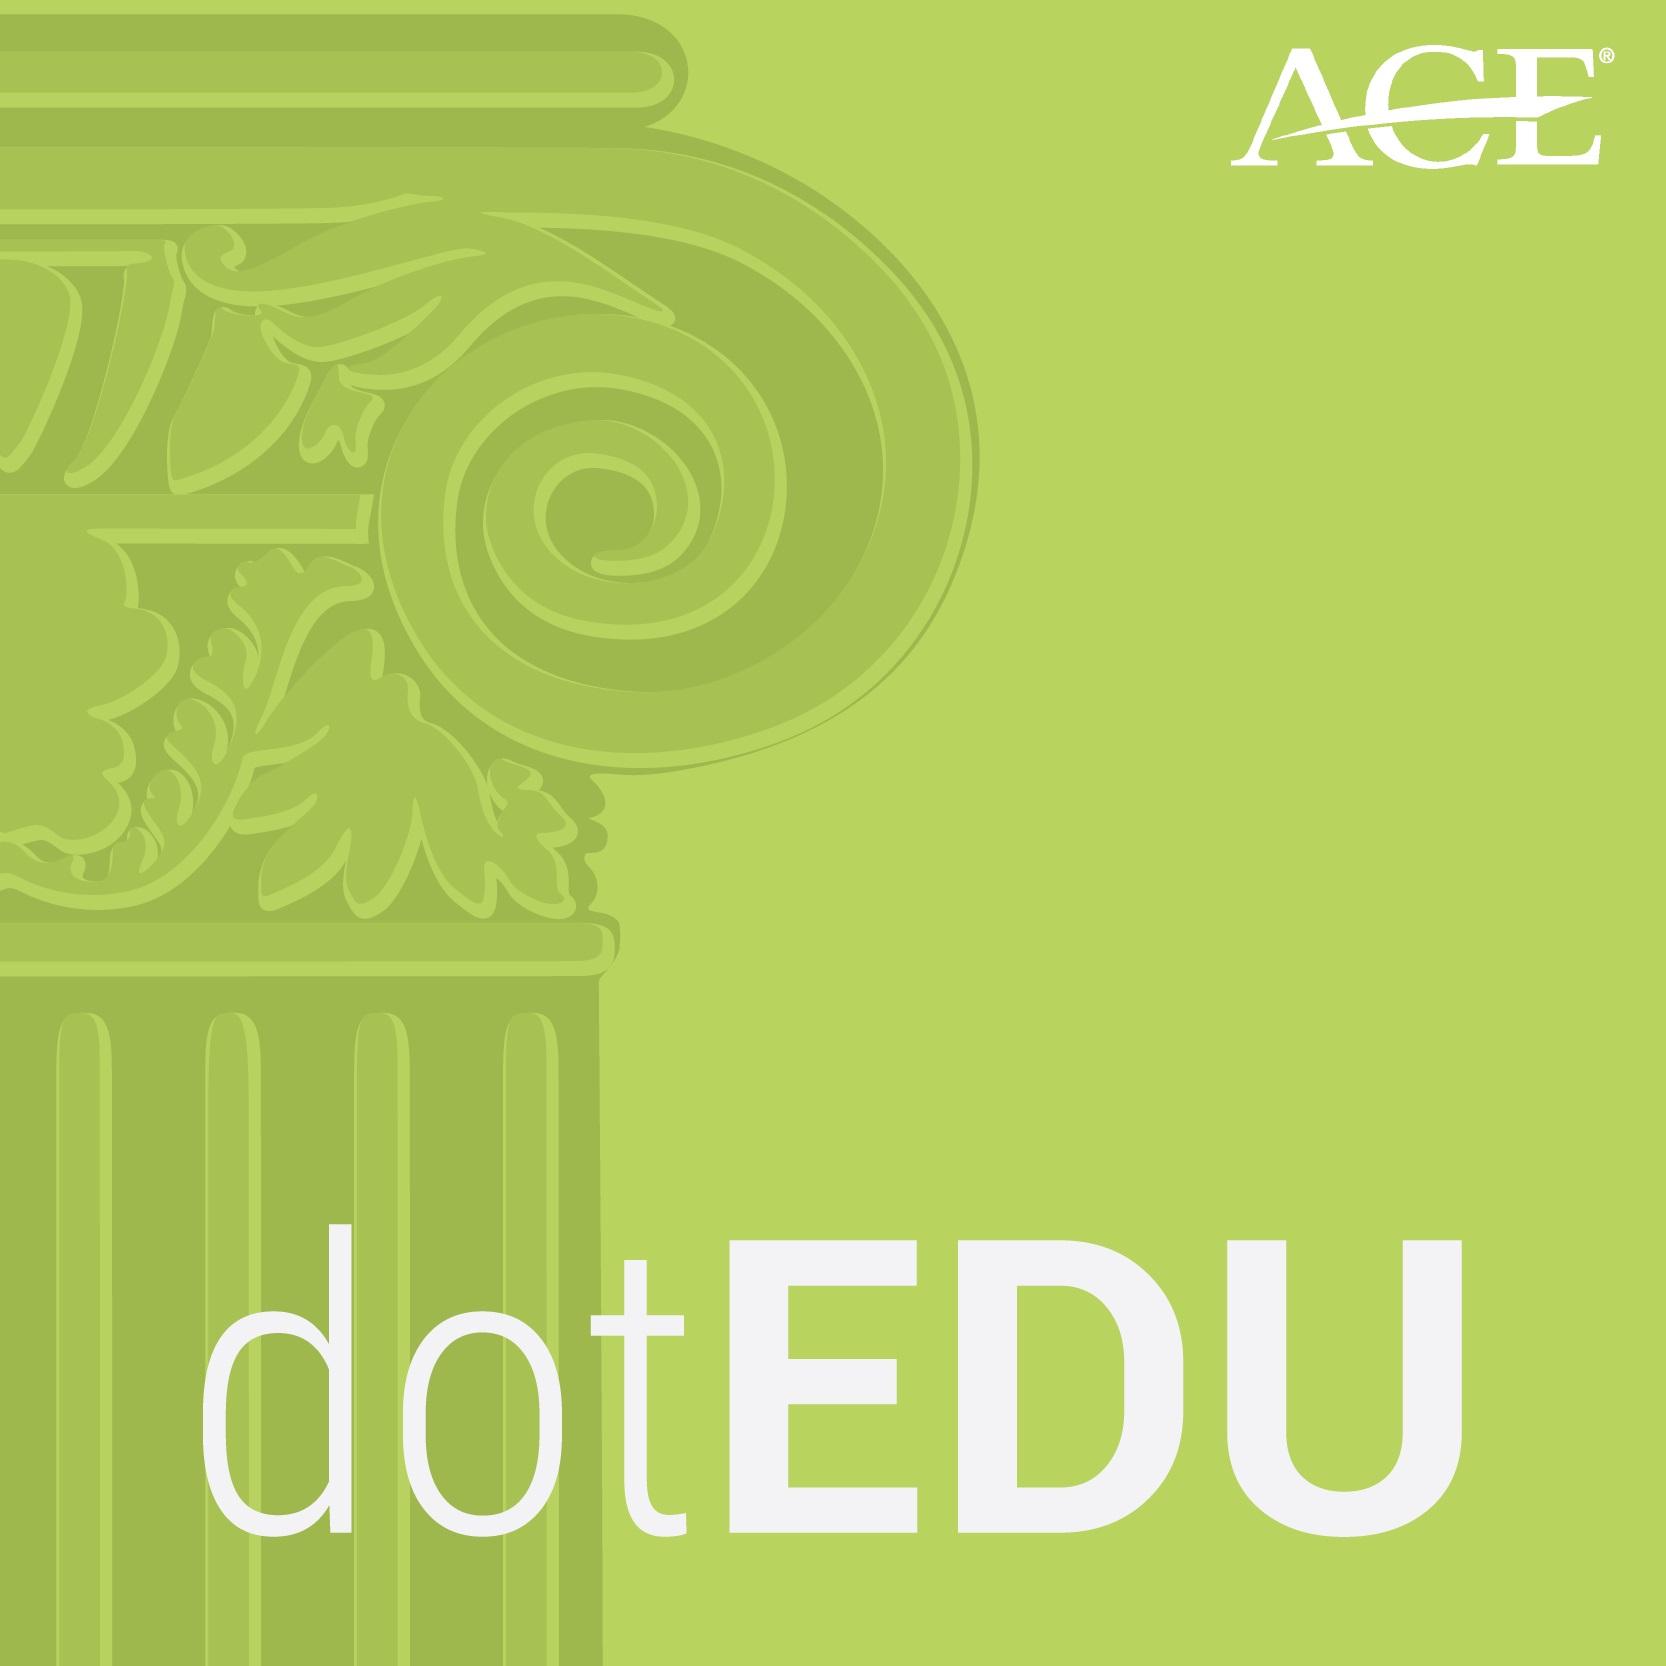 dotEDU show art